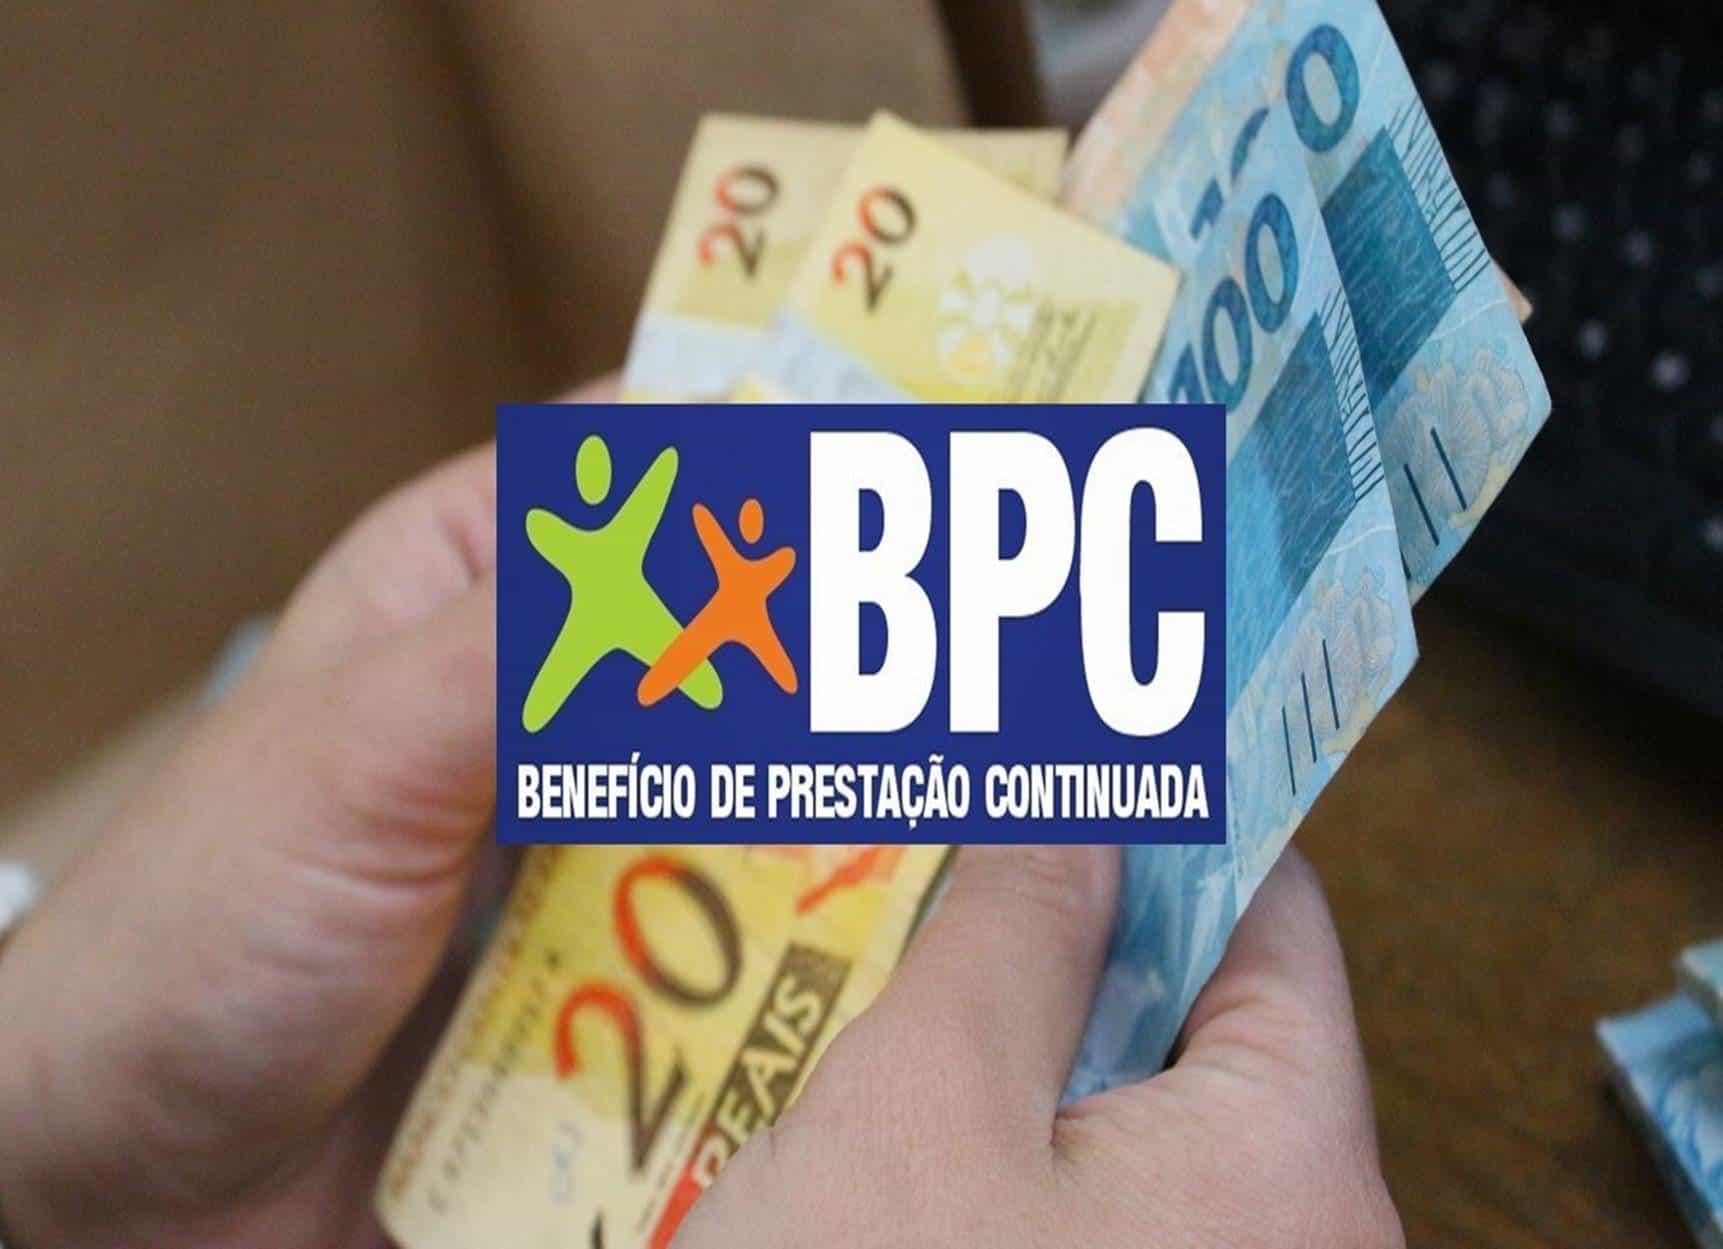 BPC: INSS inicia força-tarefa para agilizar a análise da solicitação de benefícios